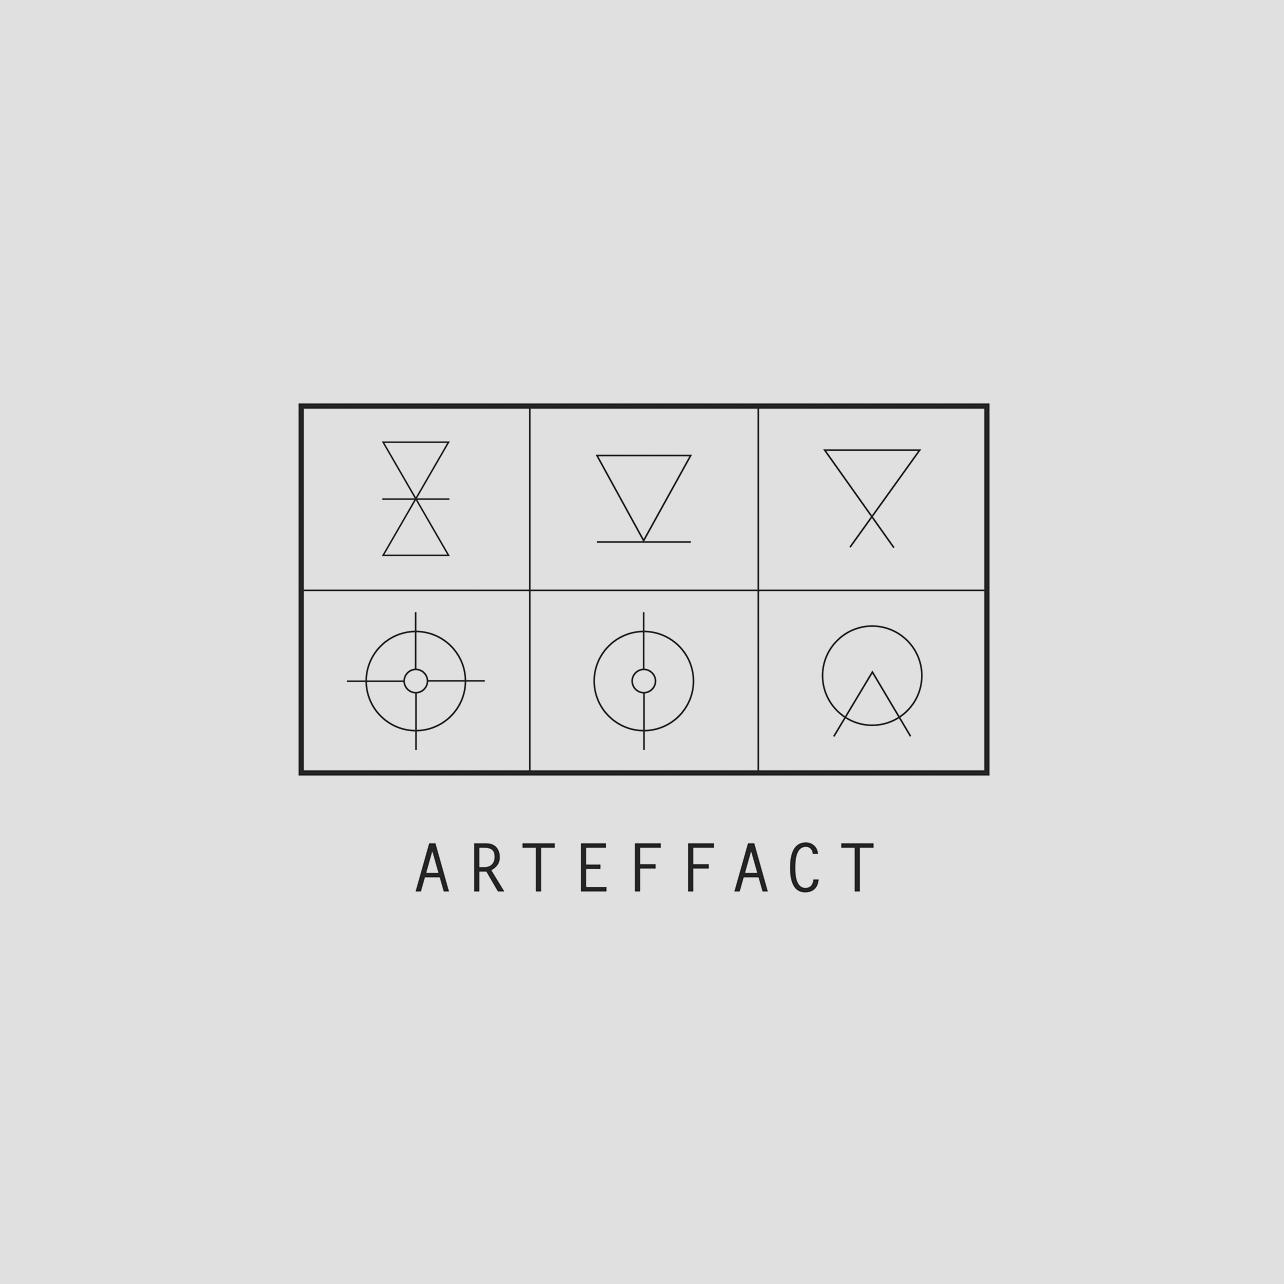 Arteffact